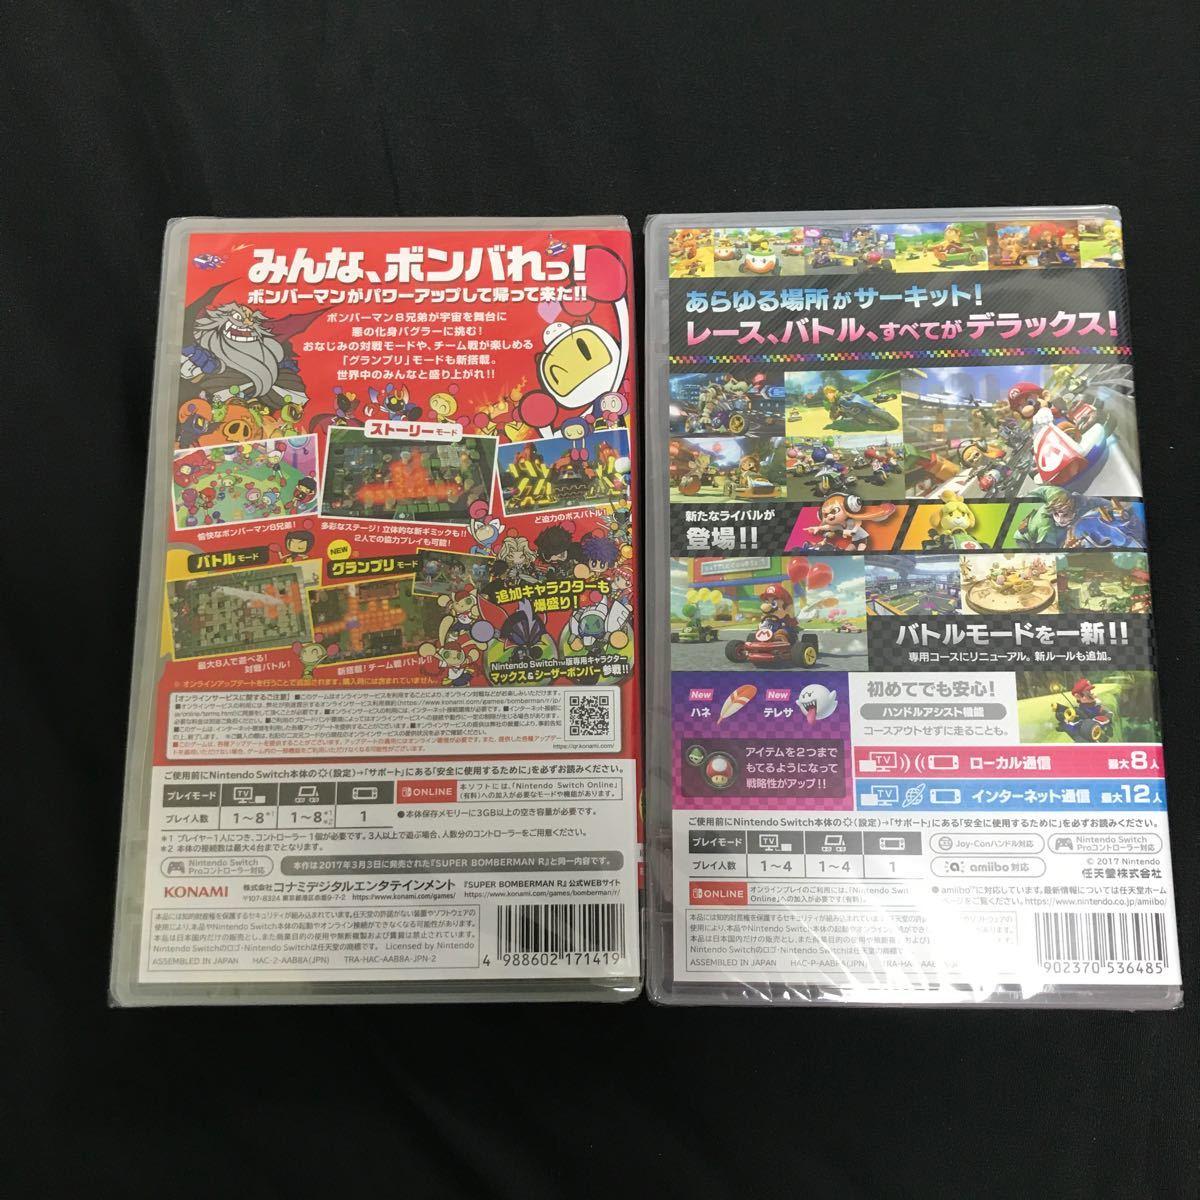 【Switch】 マリオカート8 デラックス 【Switch】 スーパーボンバーマン R [通常版] 新品 未開封